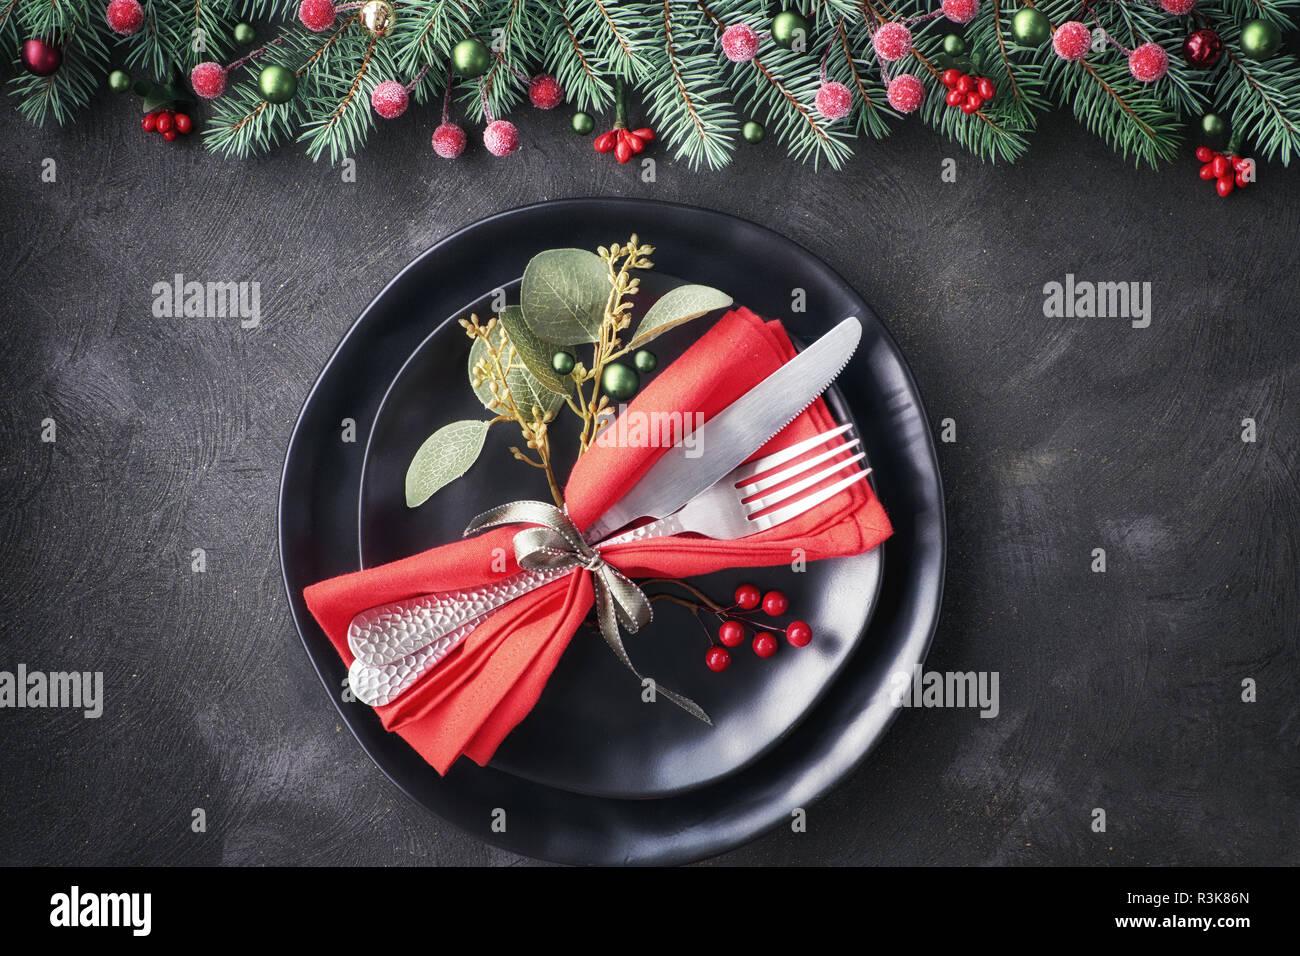 Christmas Setups.Christmas Table Setup On Dark Background Flat Lay With Xmas